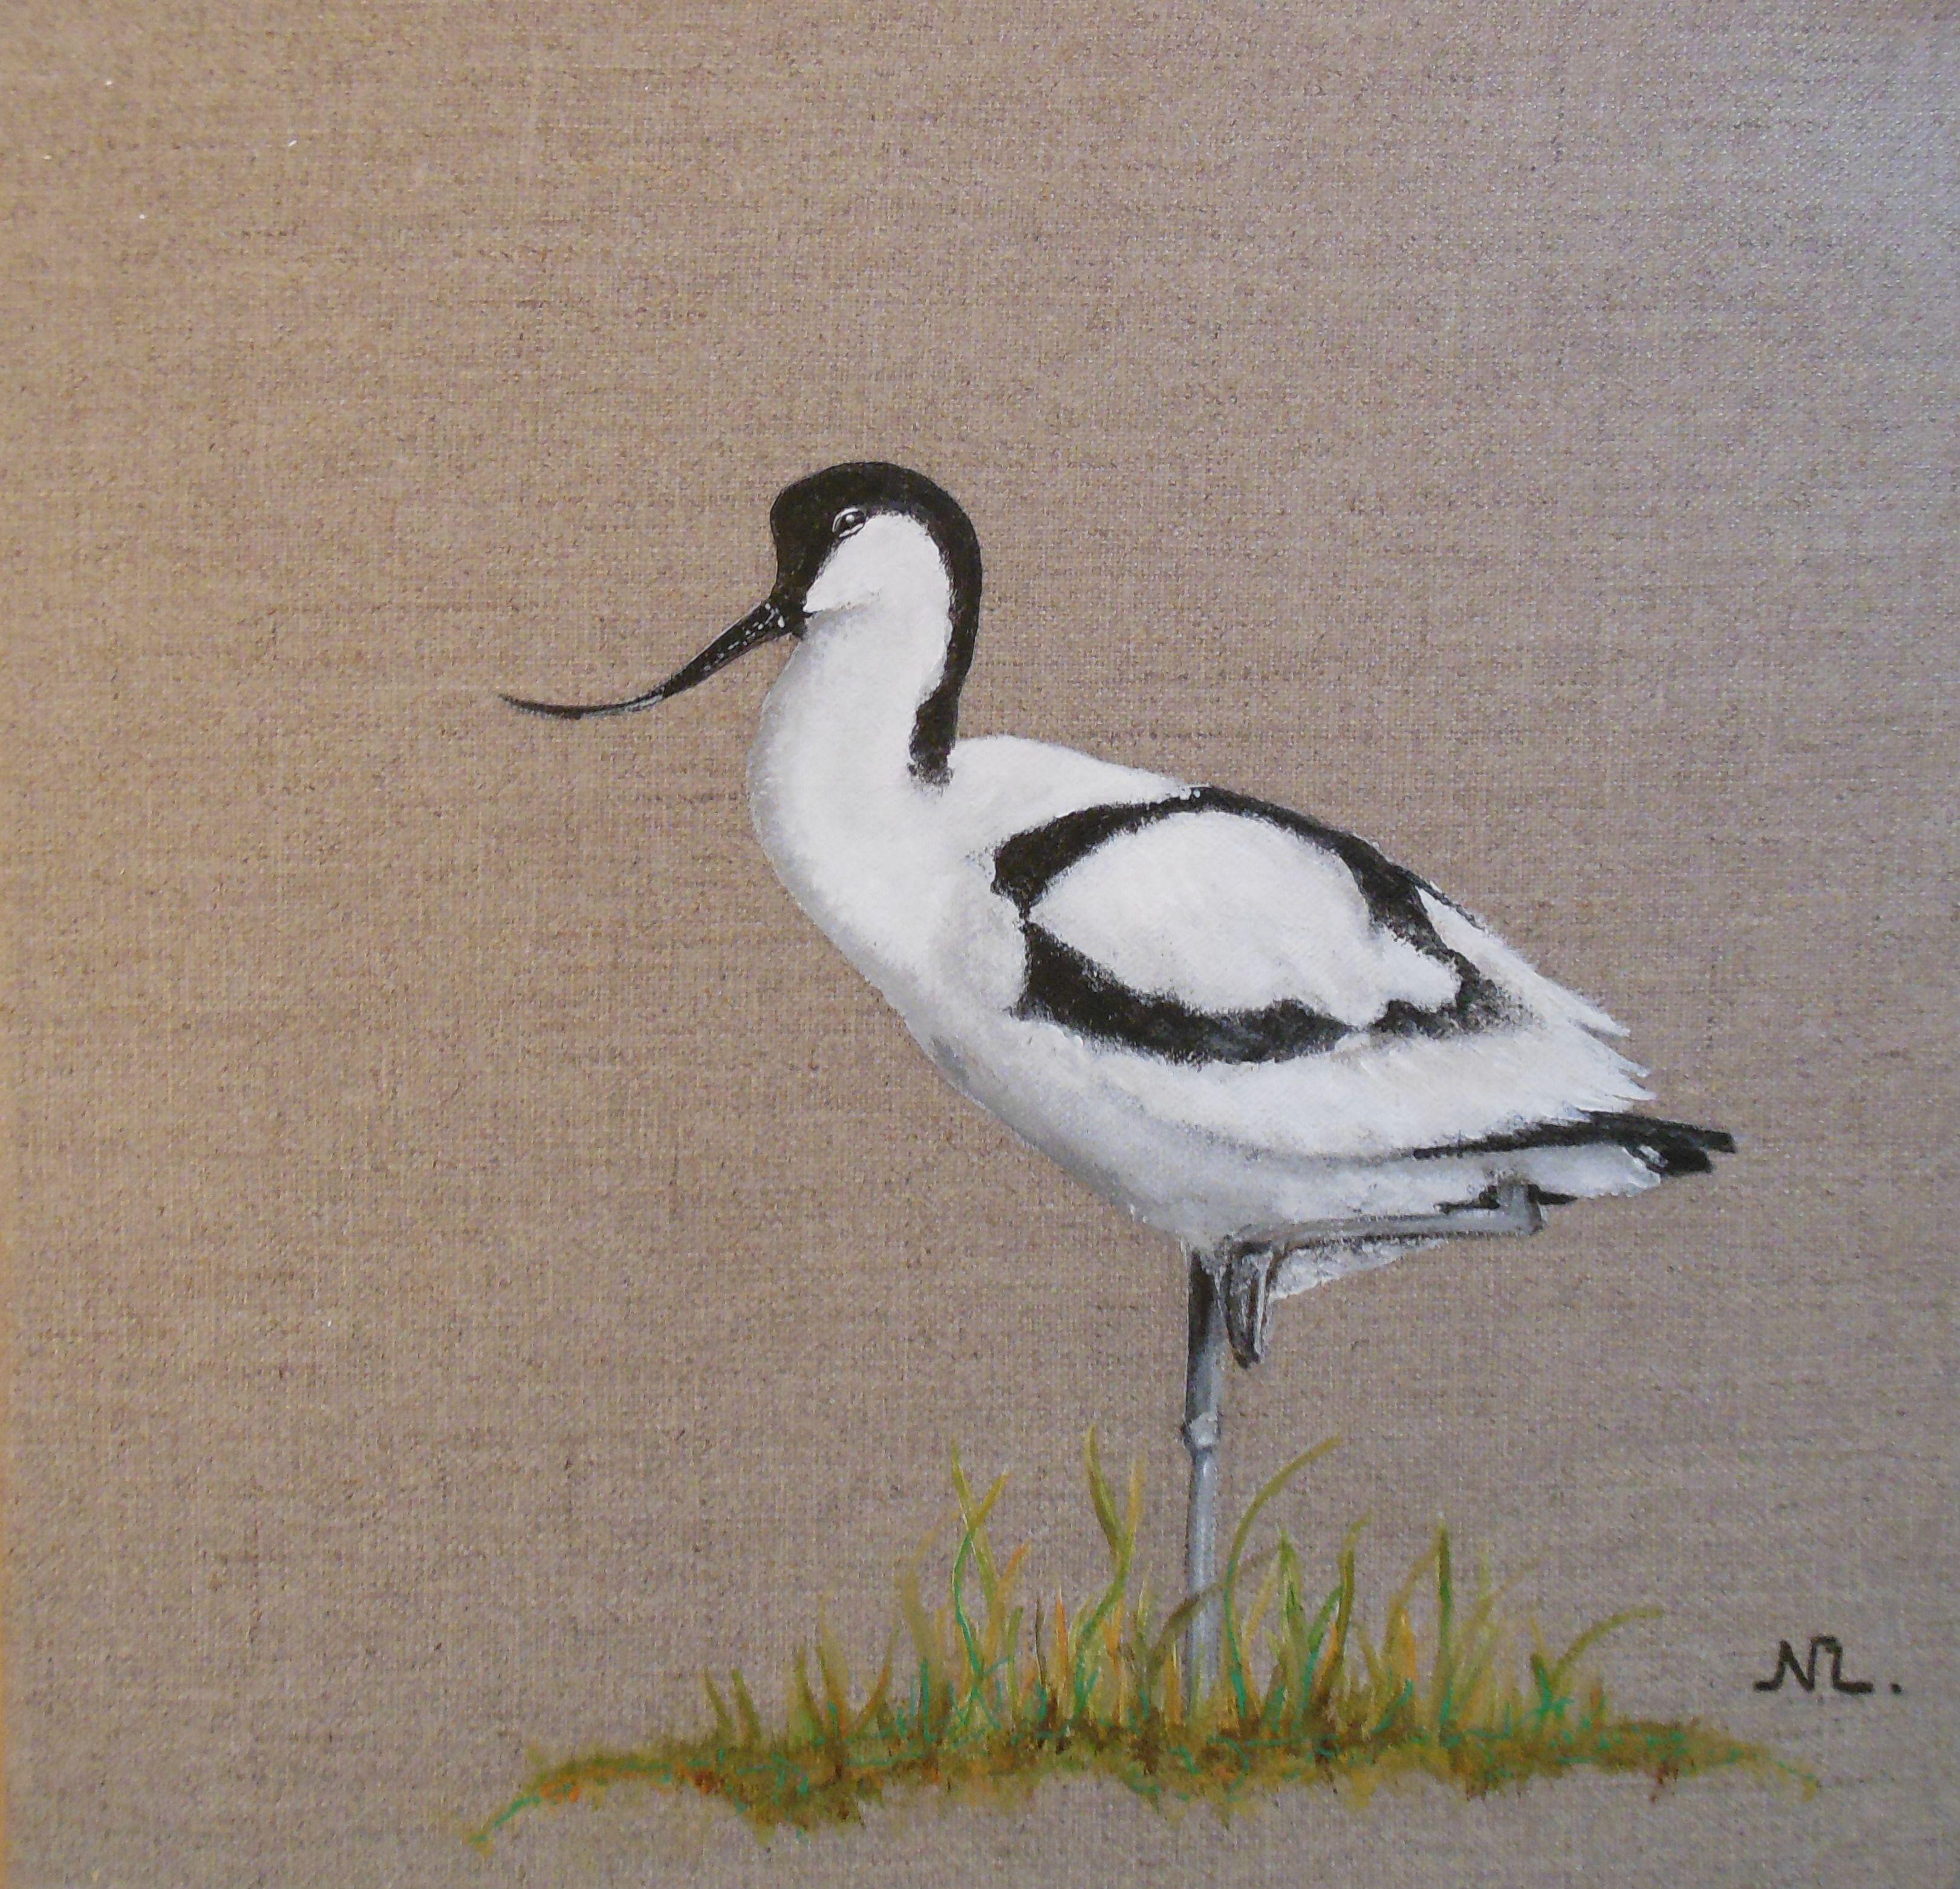 """Tableau d'oiseau : """" L'avocette"""", peinture animalière sur toile de lin, 30 x 30 cm. Pour en savoir plus : http://www.alittlemarket.com/boutique/nathalie_lemoine-1265875.htmlur toile de lin, 30 x 30 cm."""